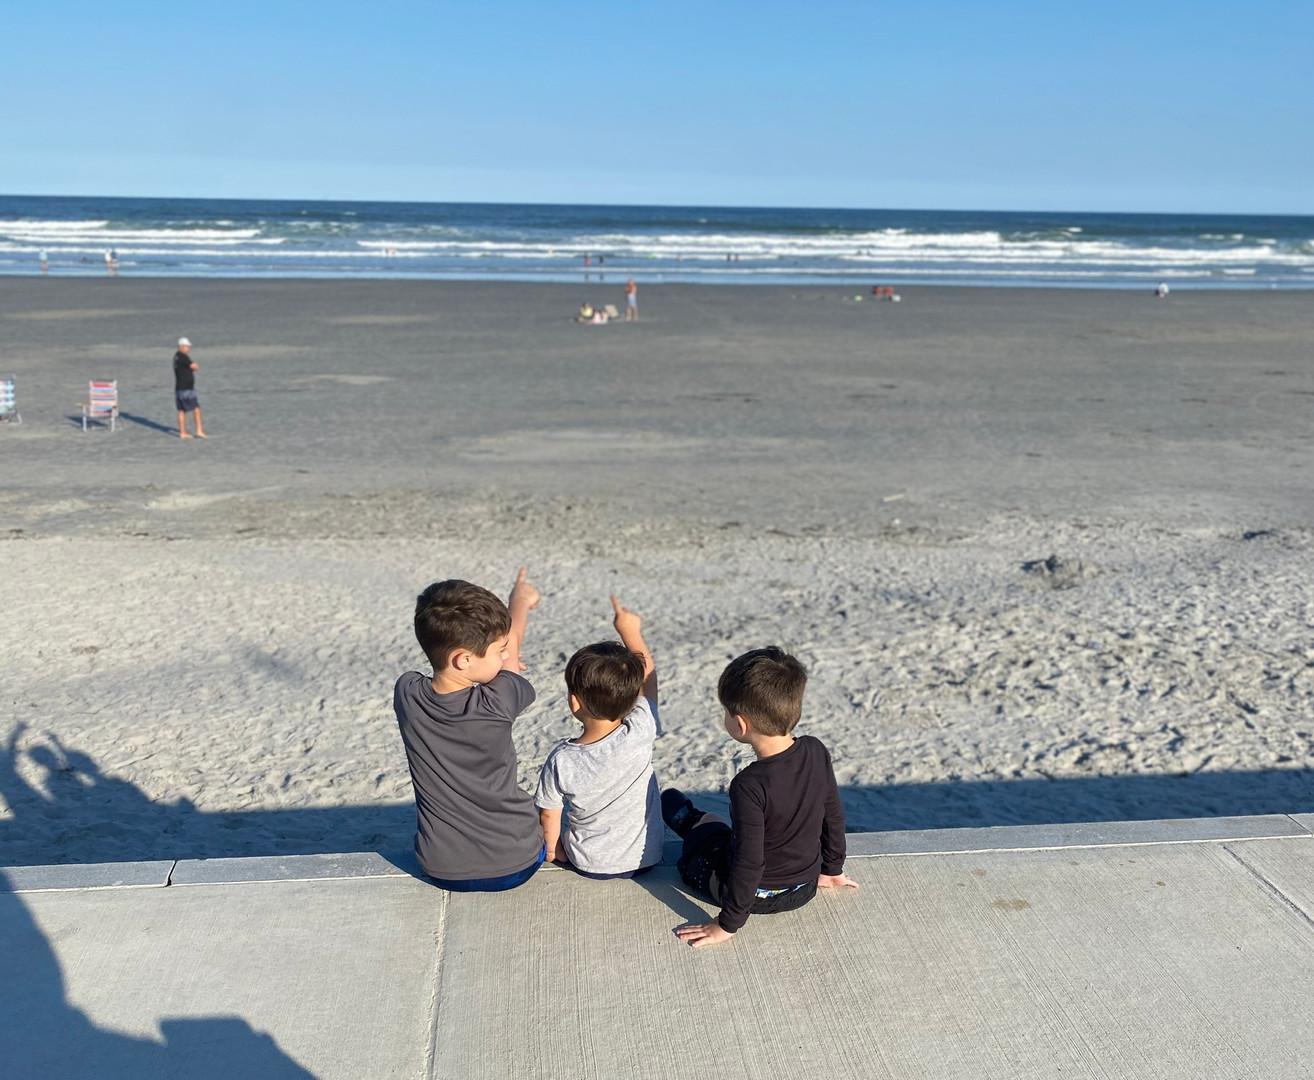 Danielle's sons at the beach